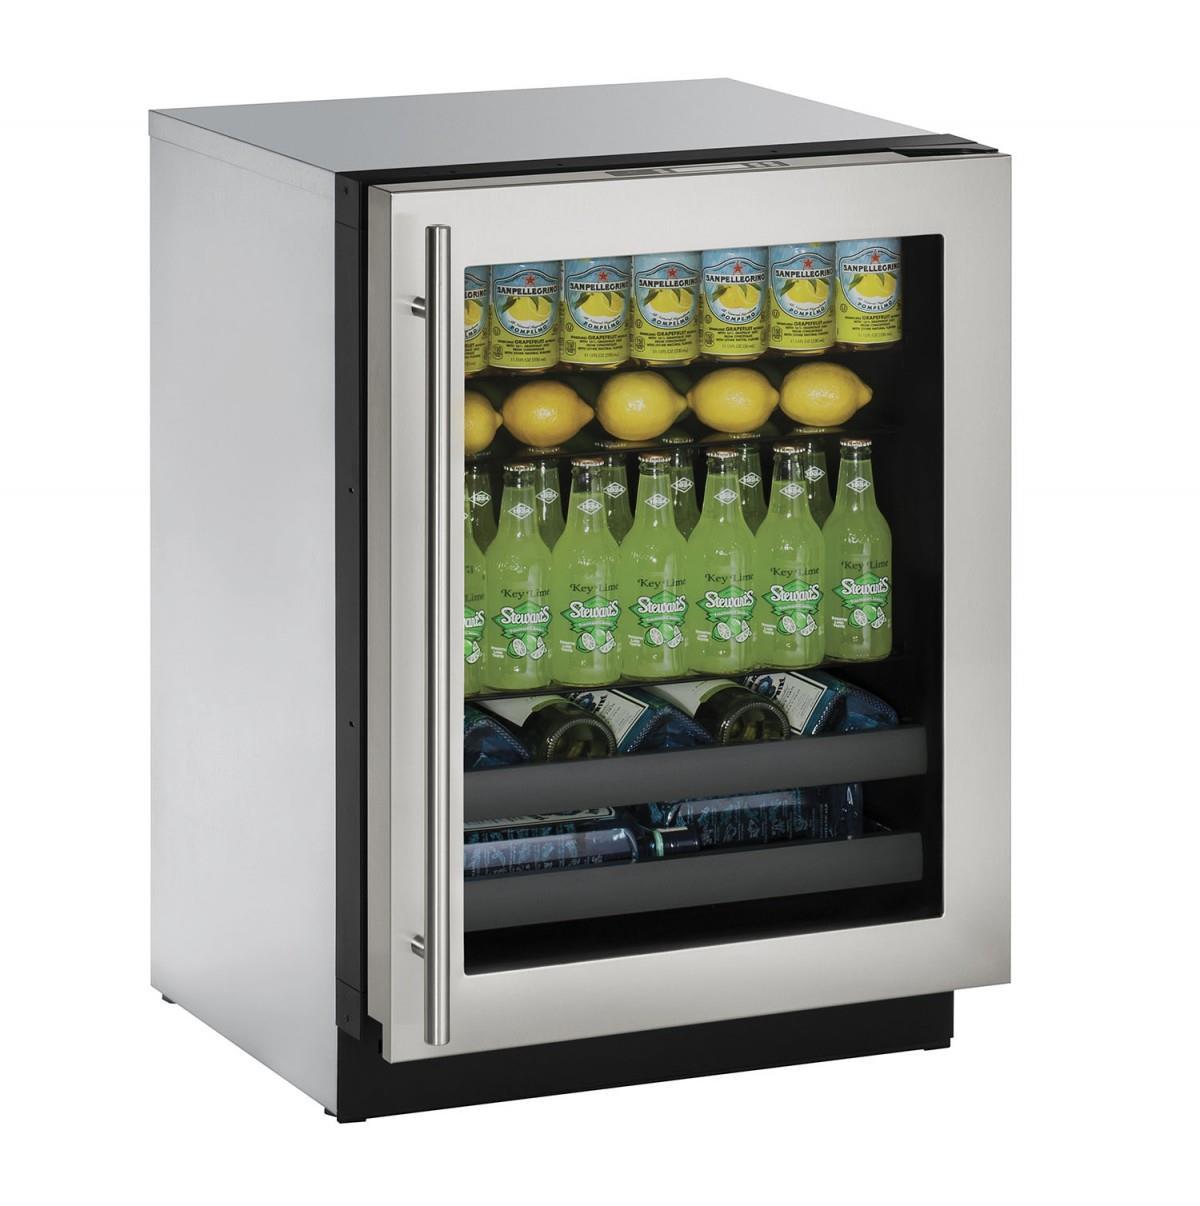 """U-Line Beverage Centers 4.9 cu ft. 3000 Series 24"""" Beverage Center - Item Number: U-3024BEVS-15A"""